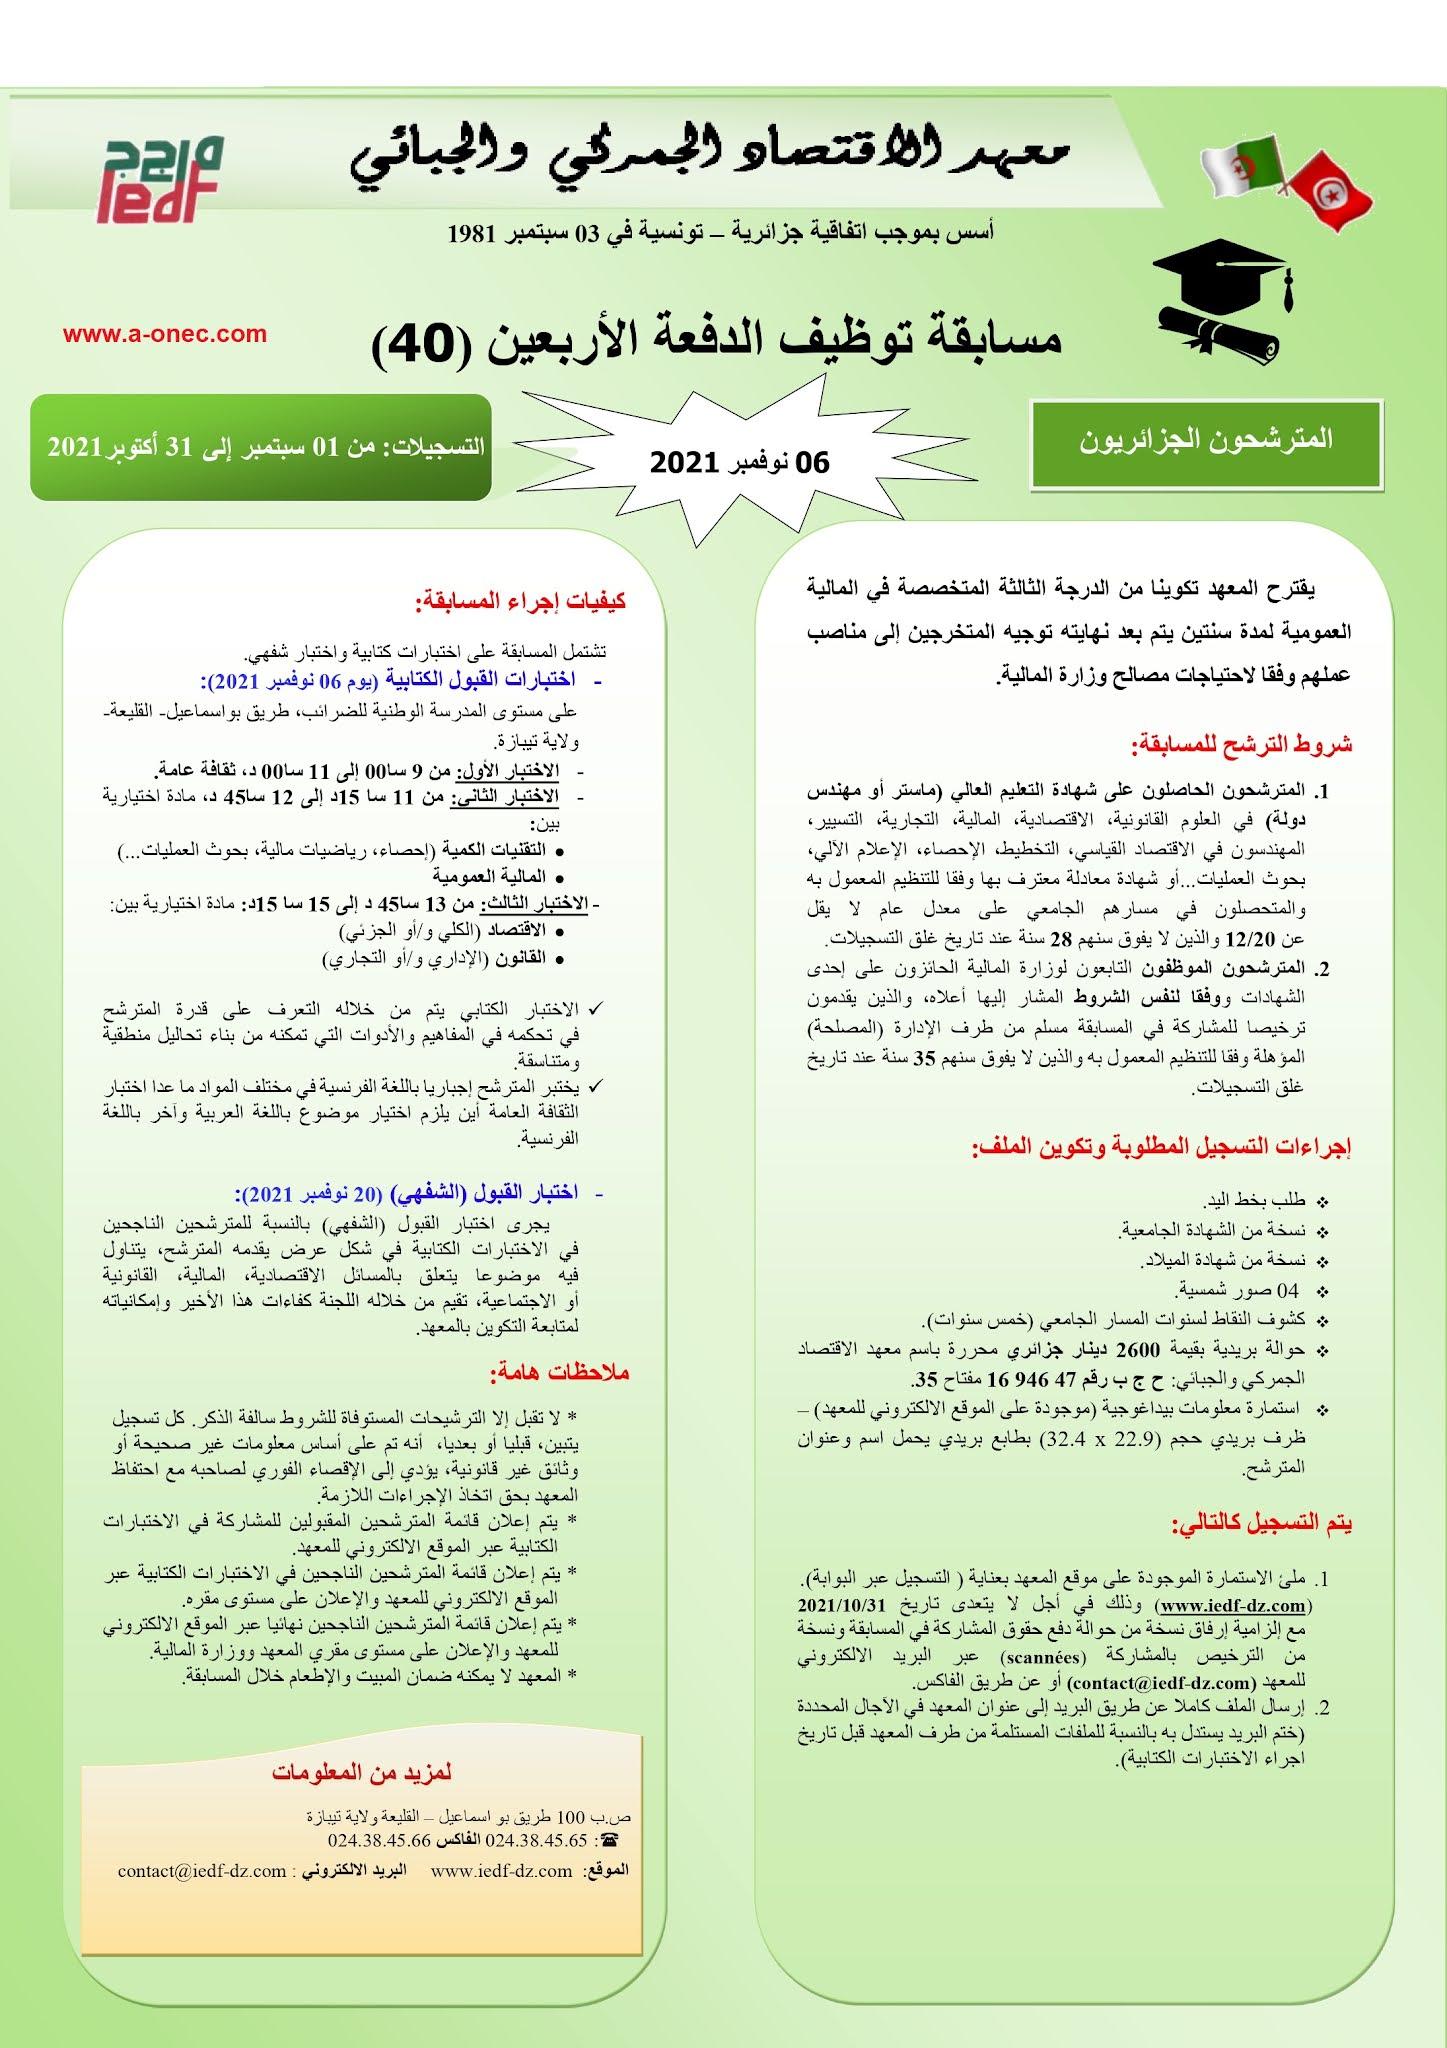 معهد الاقتصاد الجمركي والجبائي الجزائري التونسي IEDF Concours de recrutement